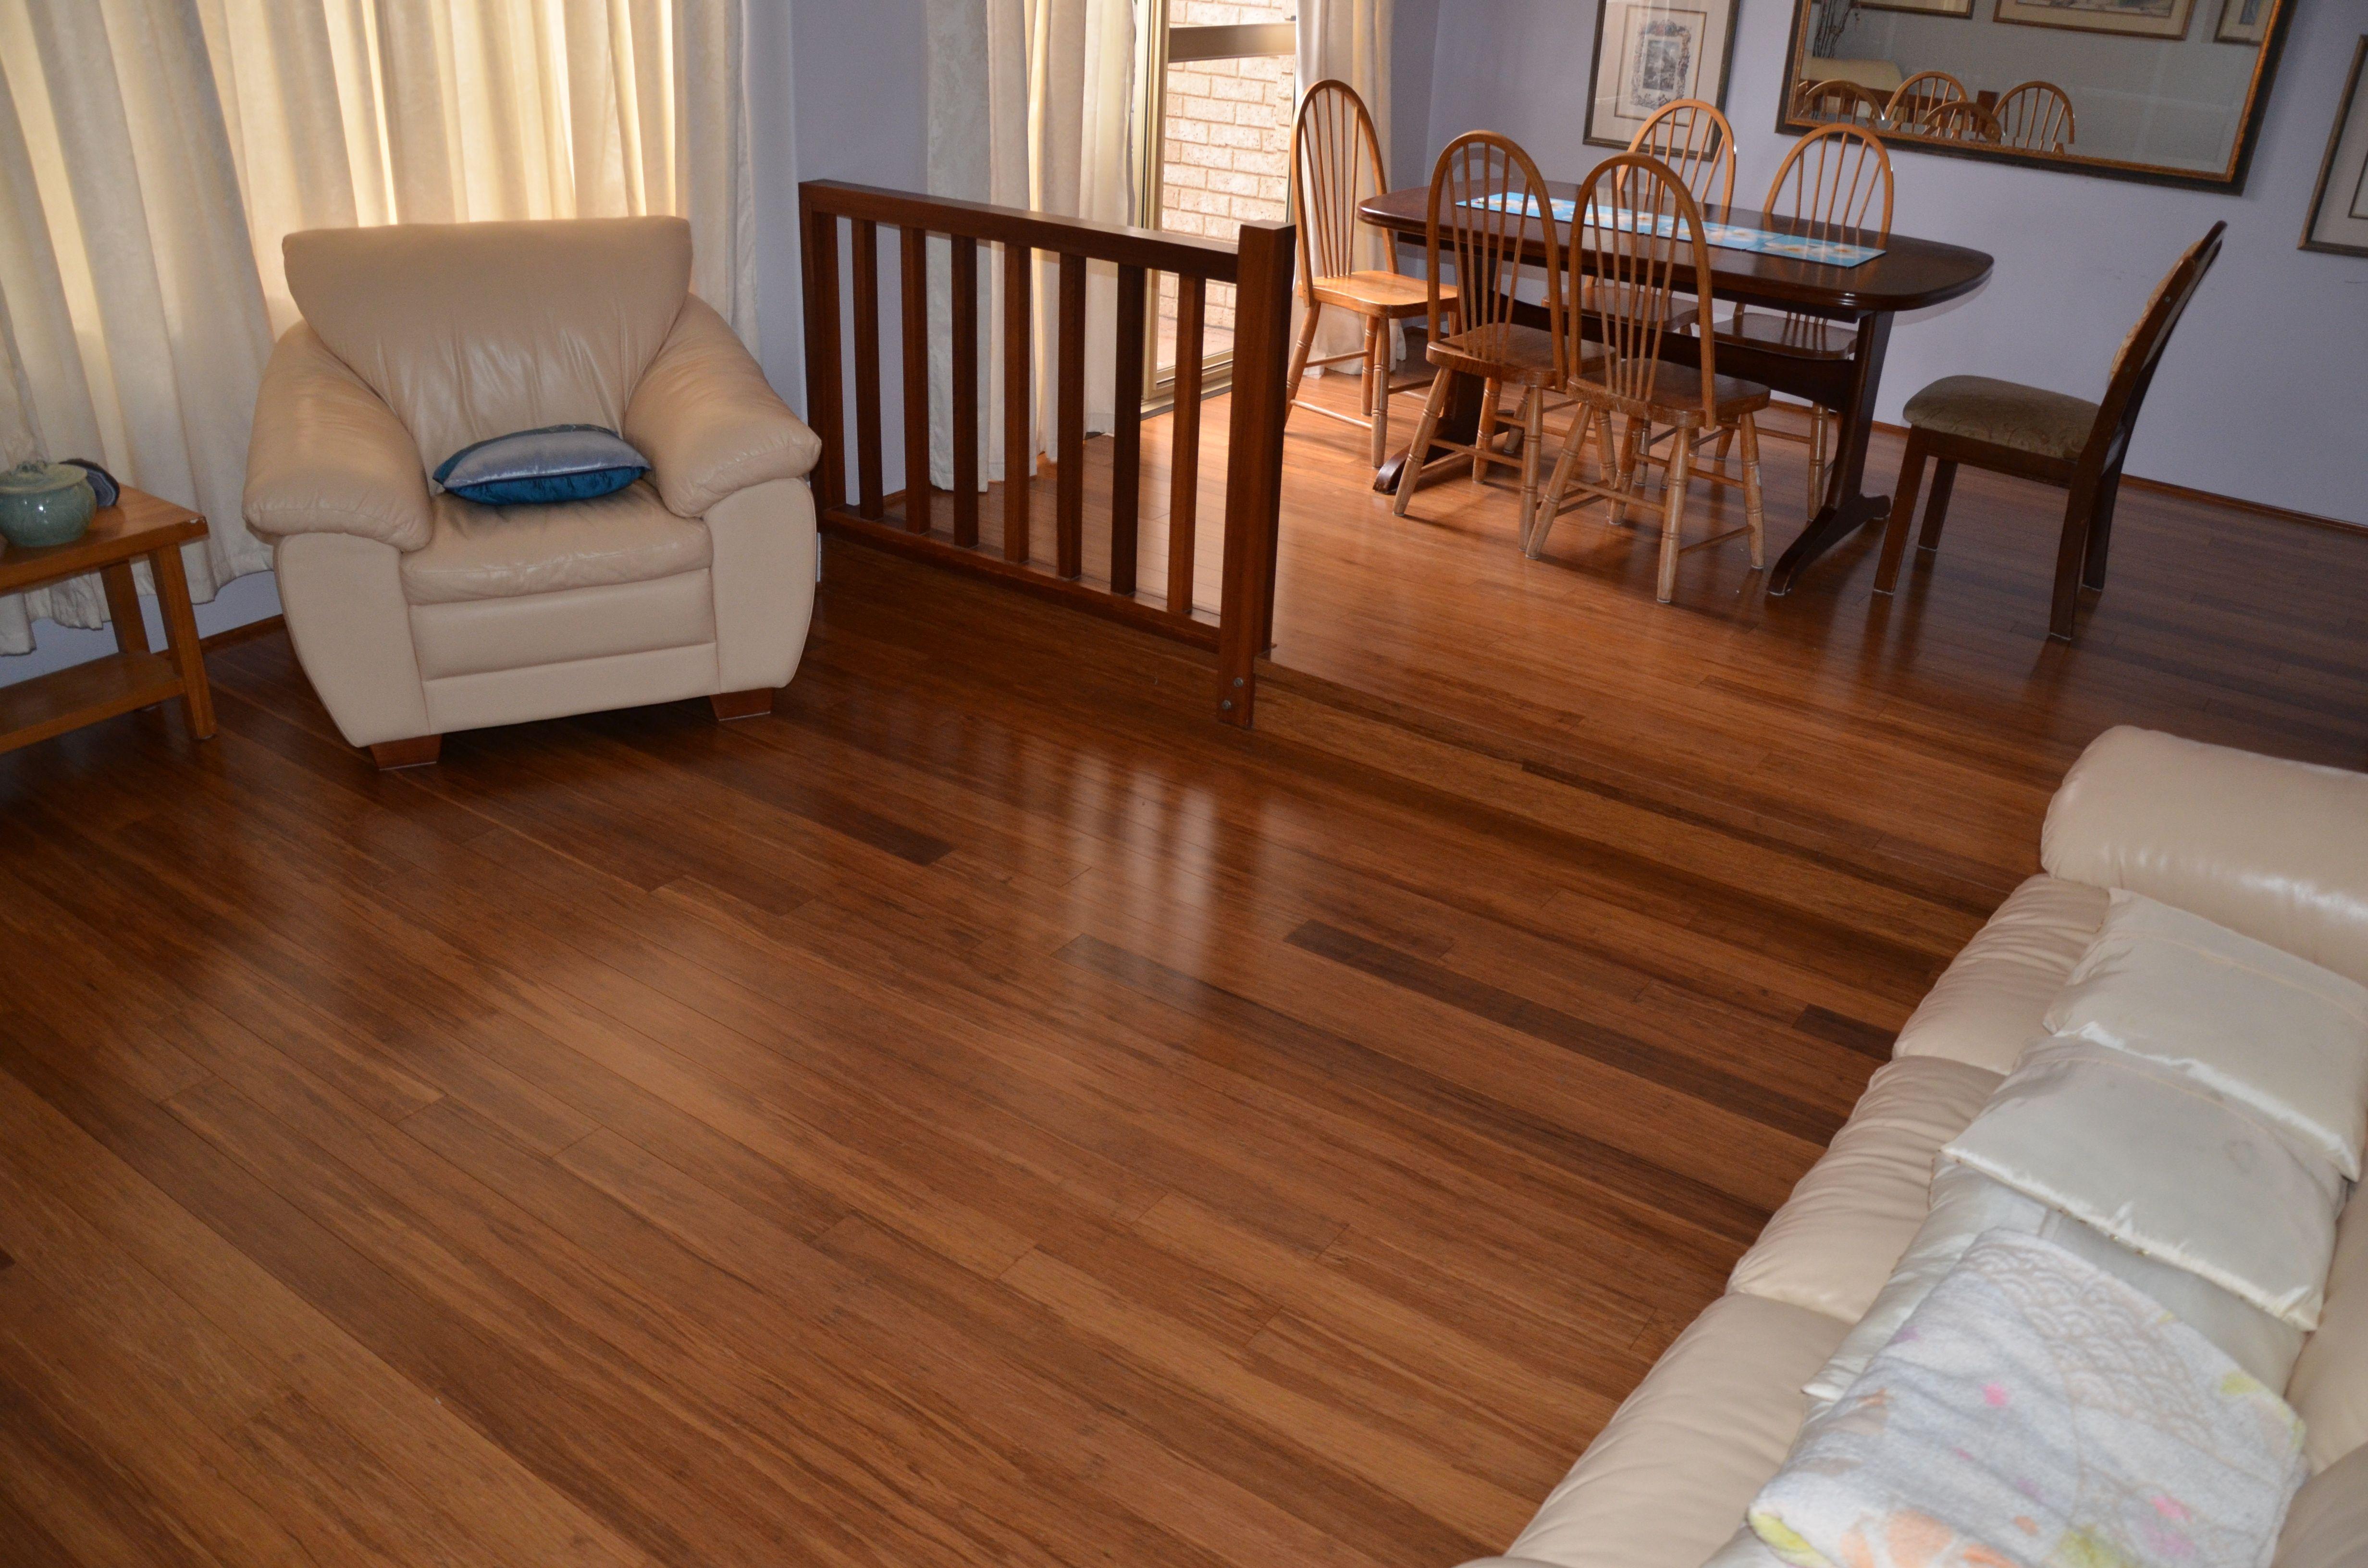 Prolex bamboo antique prolex bamboo flooring pinterest timber